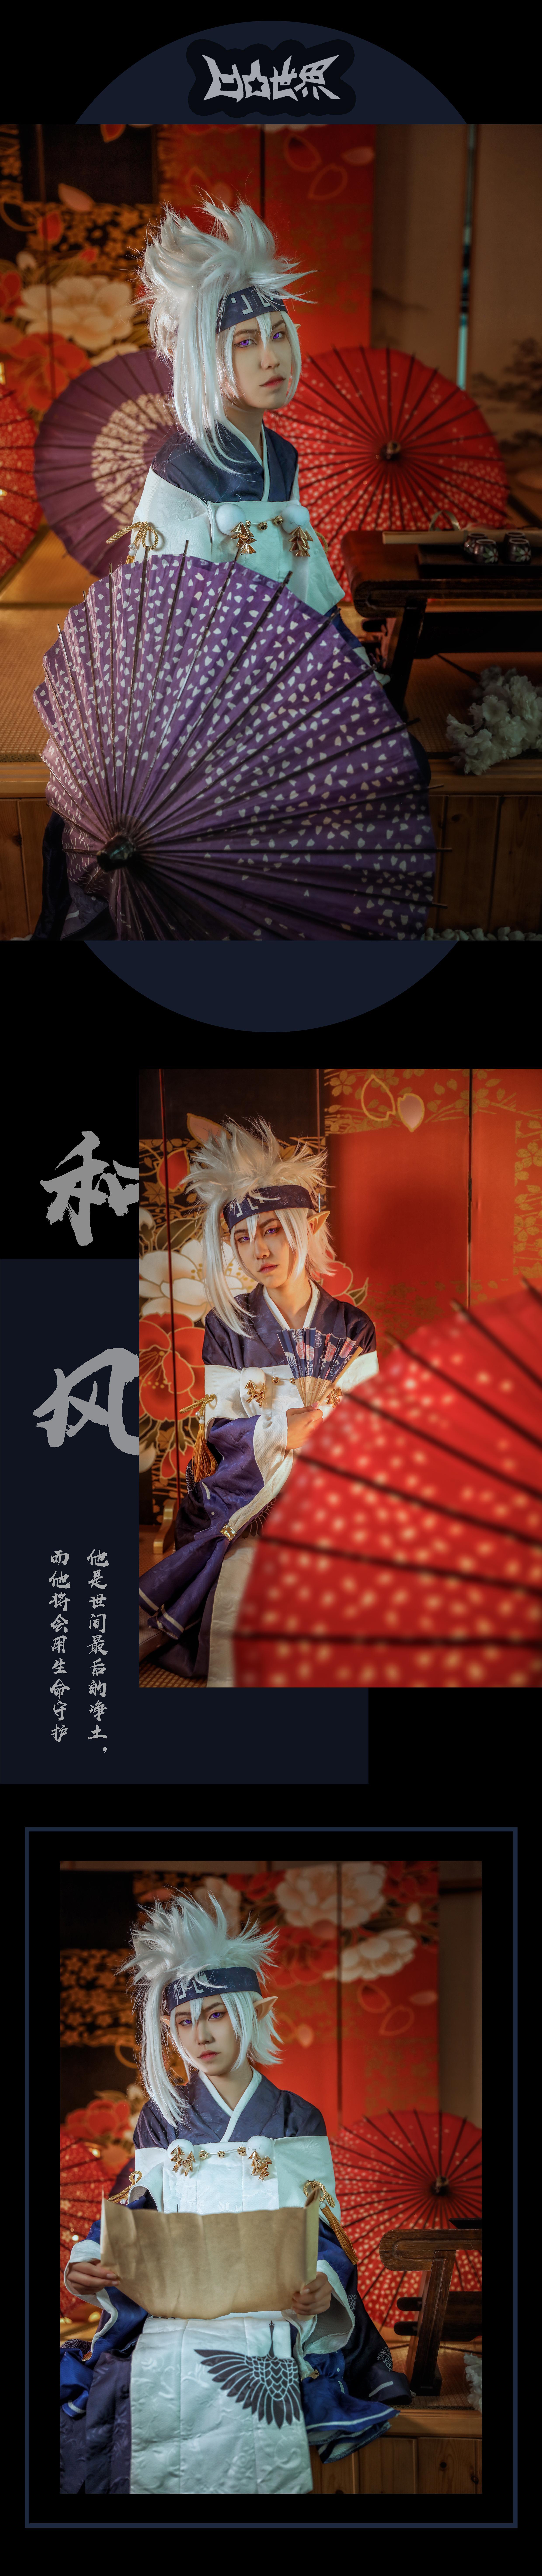 《凹凸世界》格瑞cosplay【CN:YL.沫笙】-第8张